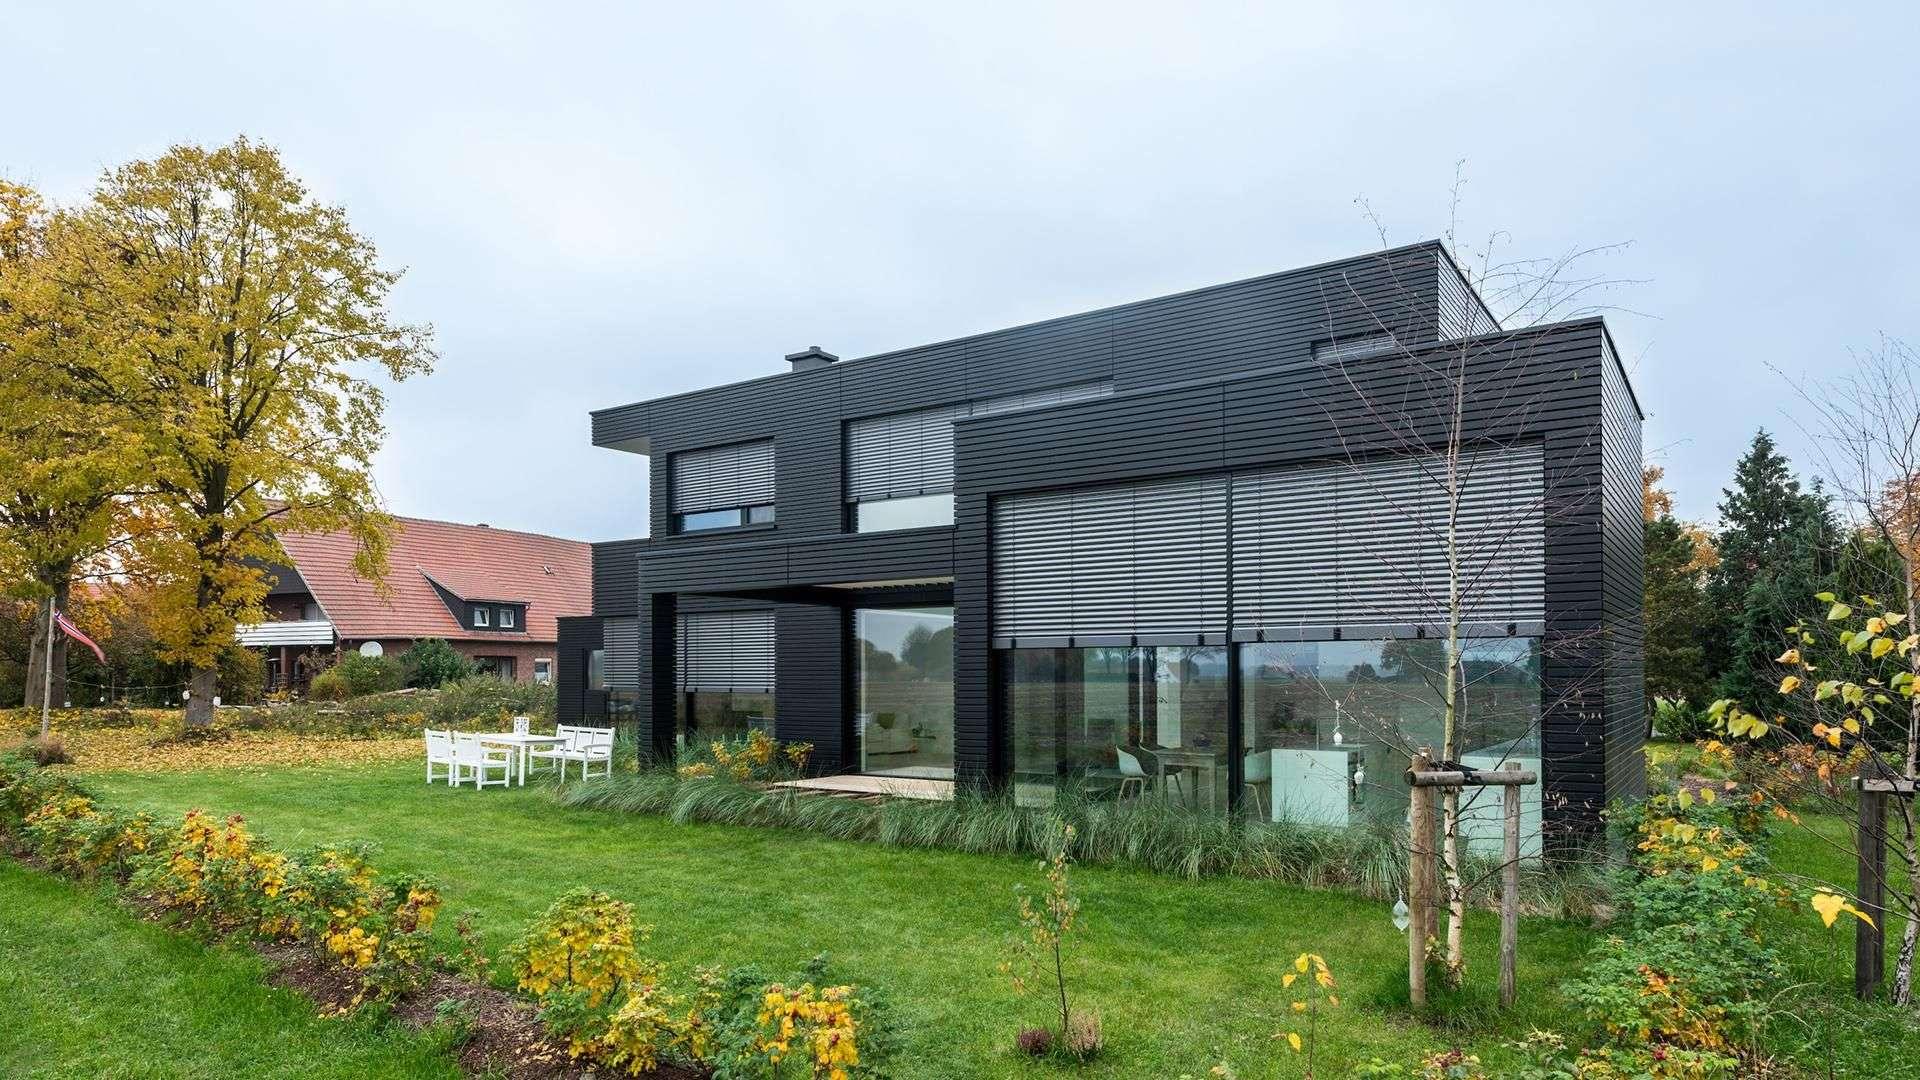 schwarzes Flachdachhaus mit Rollos zur Beschattung vor den Fenstern und großem Garten